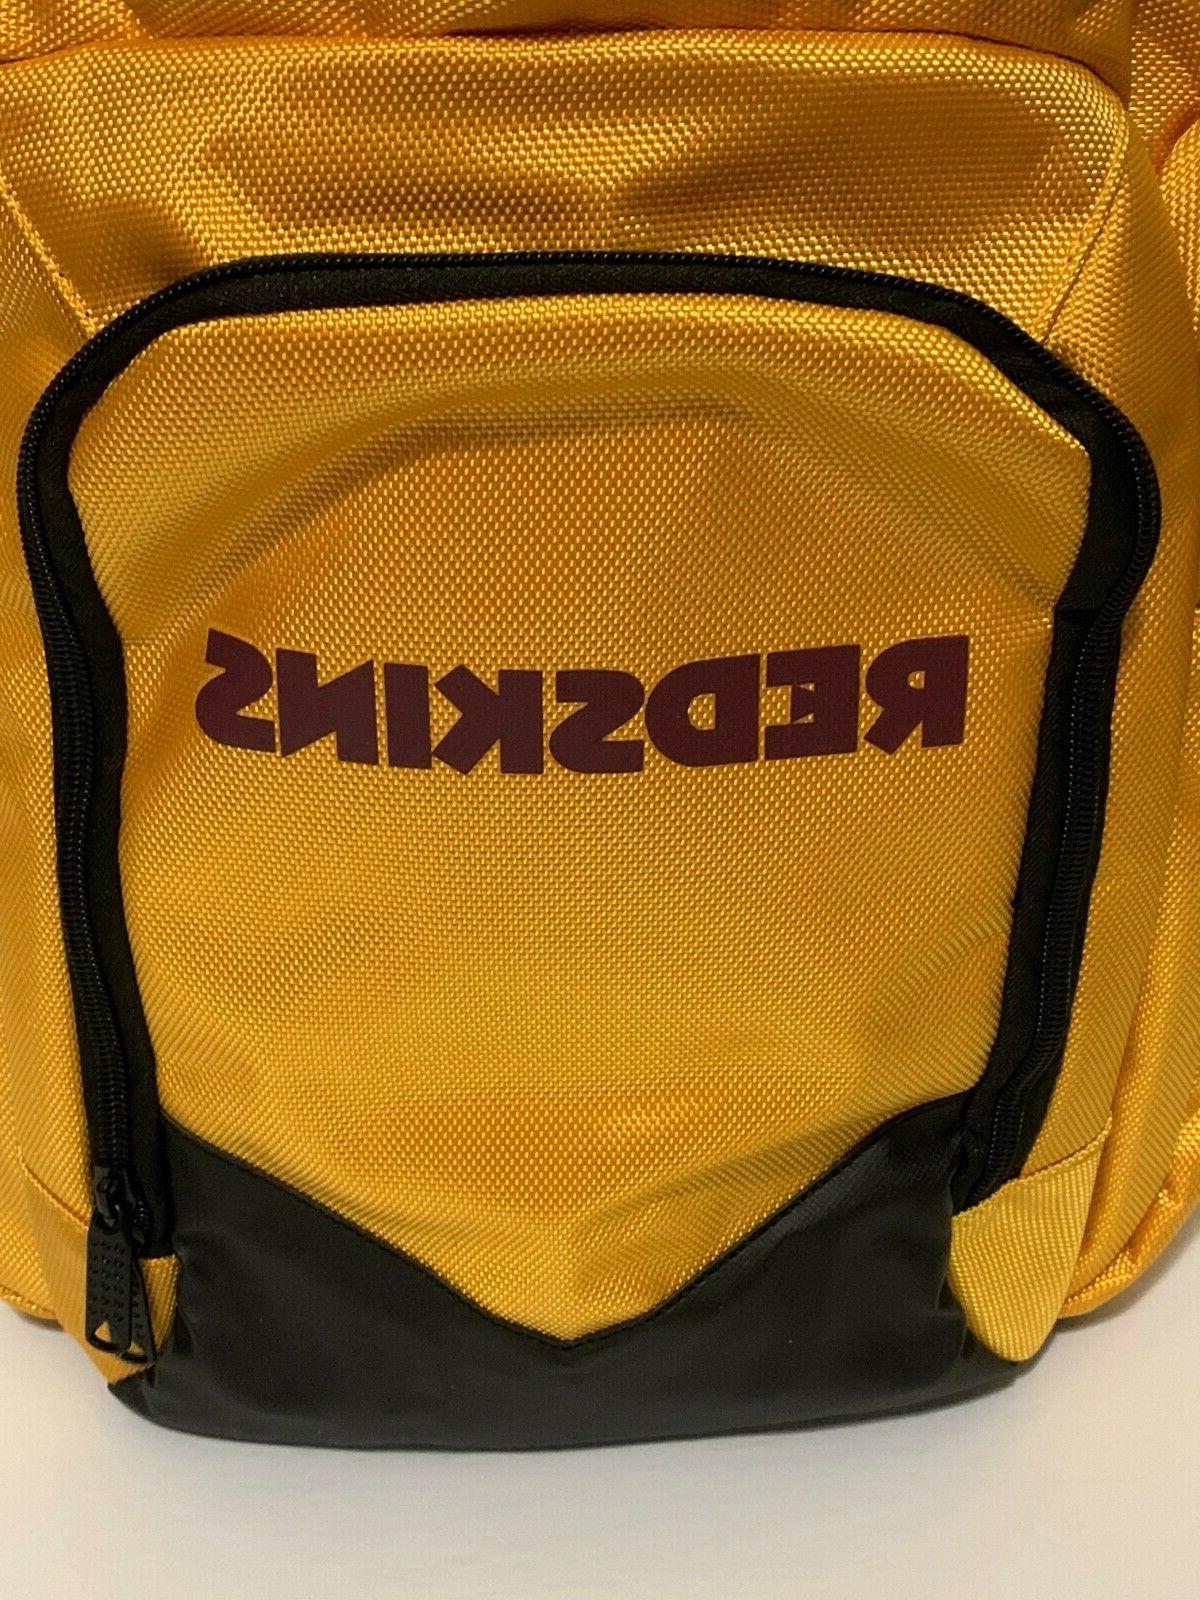 NFL Traveler Redskins Laptop Pocket Bookbag